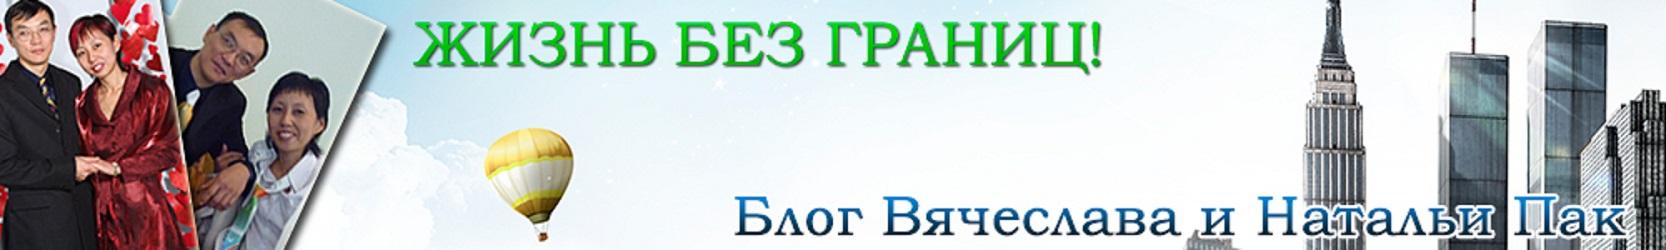 blog-slavapak1